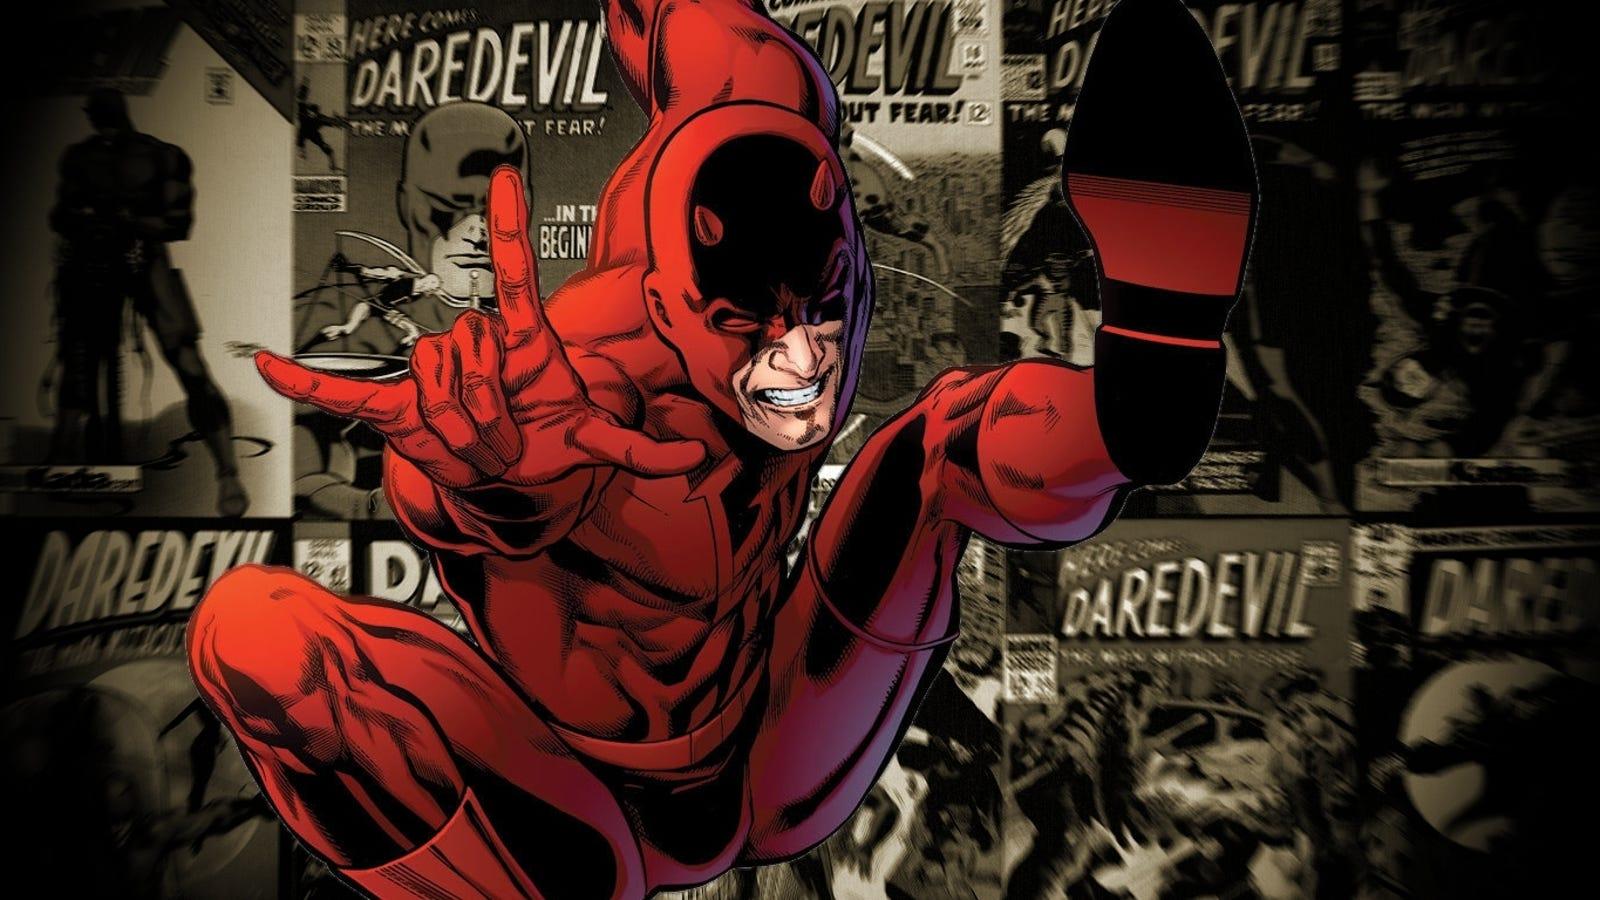 Daredevil sí usará su traje rojo en la serie de Netflix, y luce genial